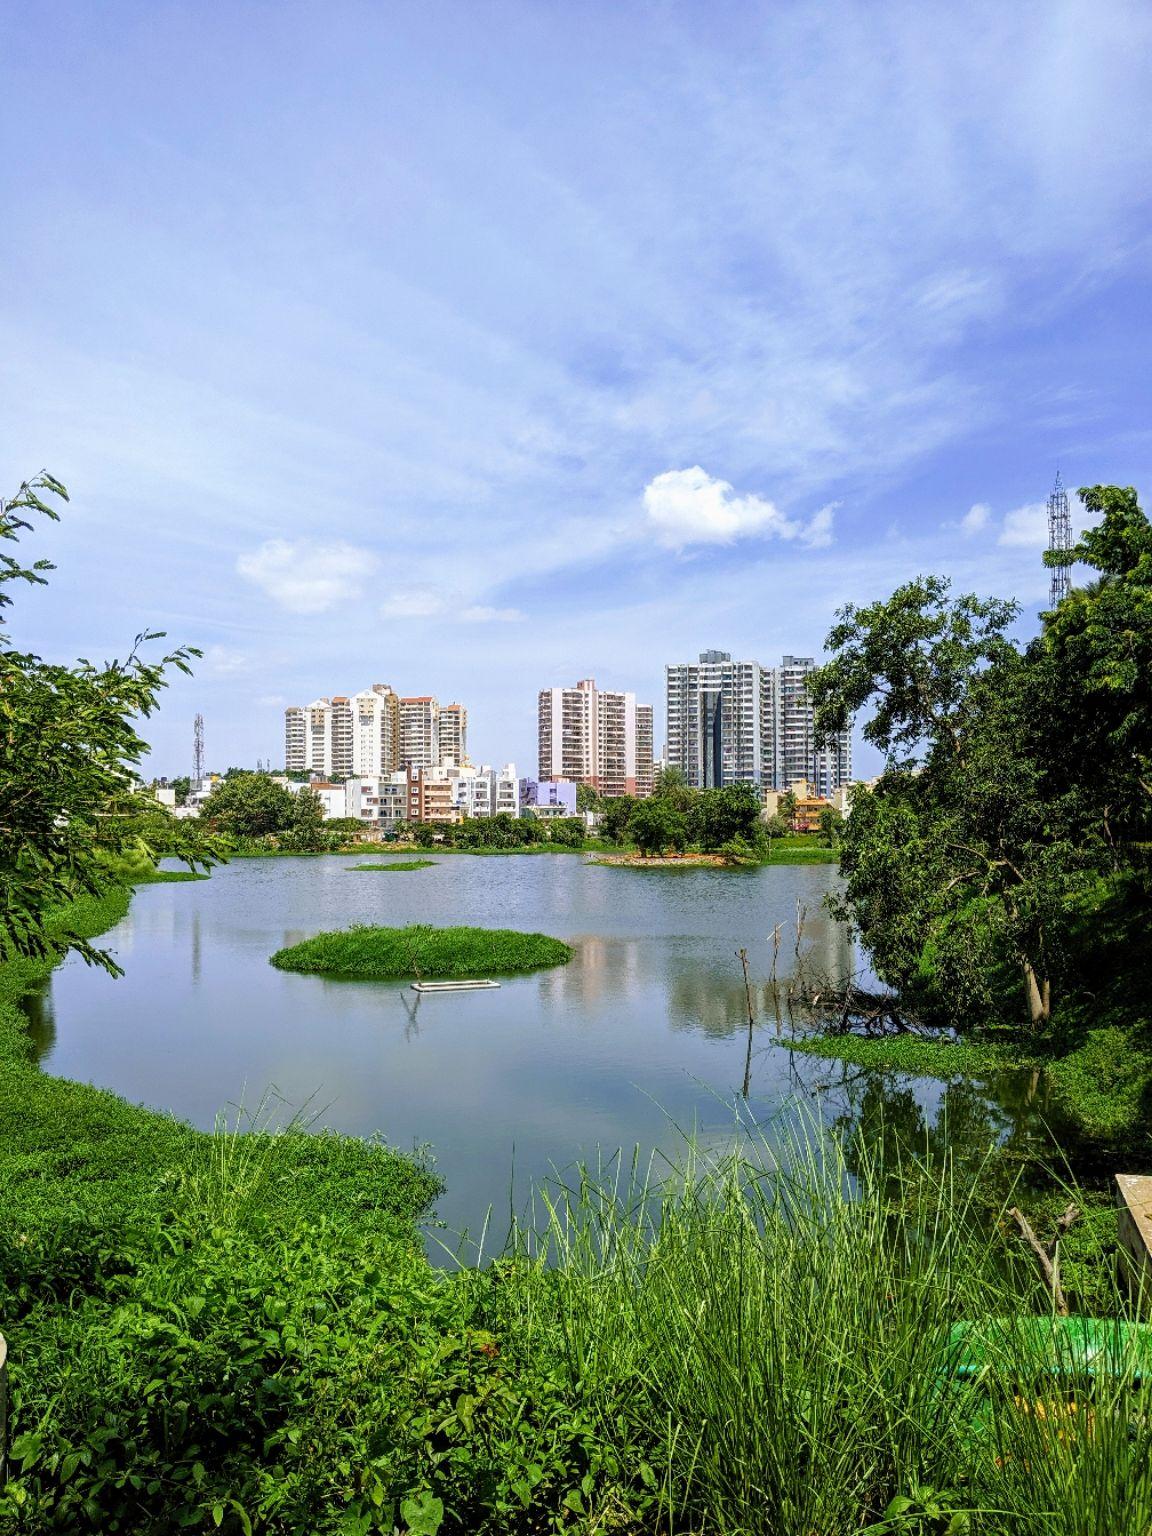 Photo of JP Nagar 7th Phase By Santhosh Kumar Gaikwad